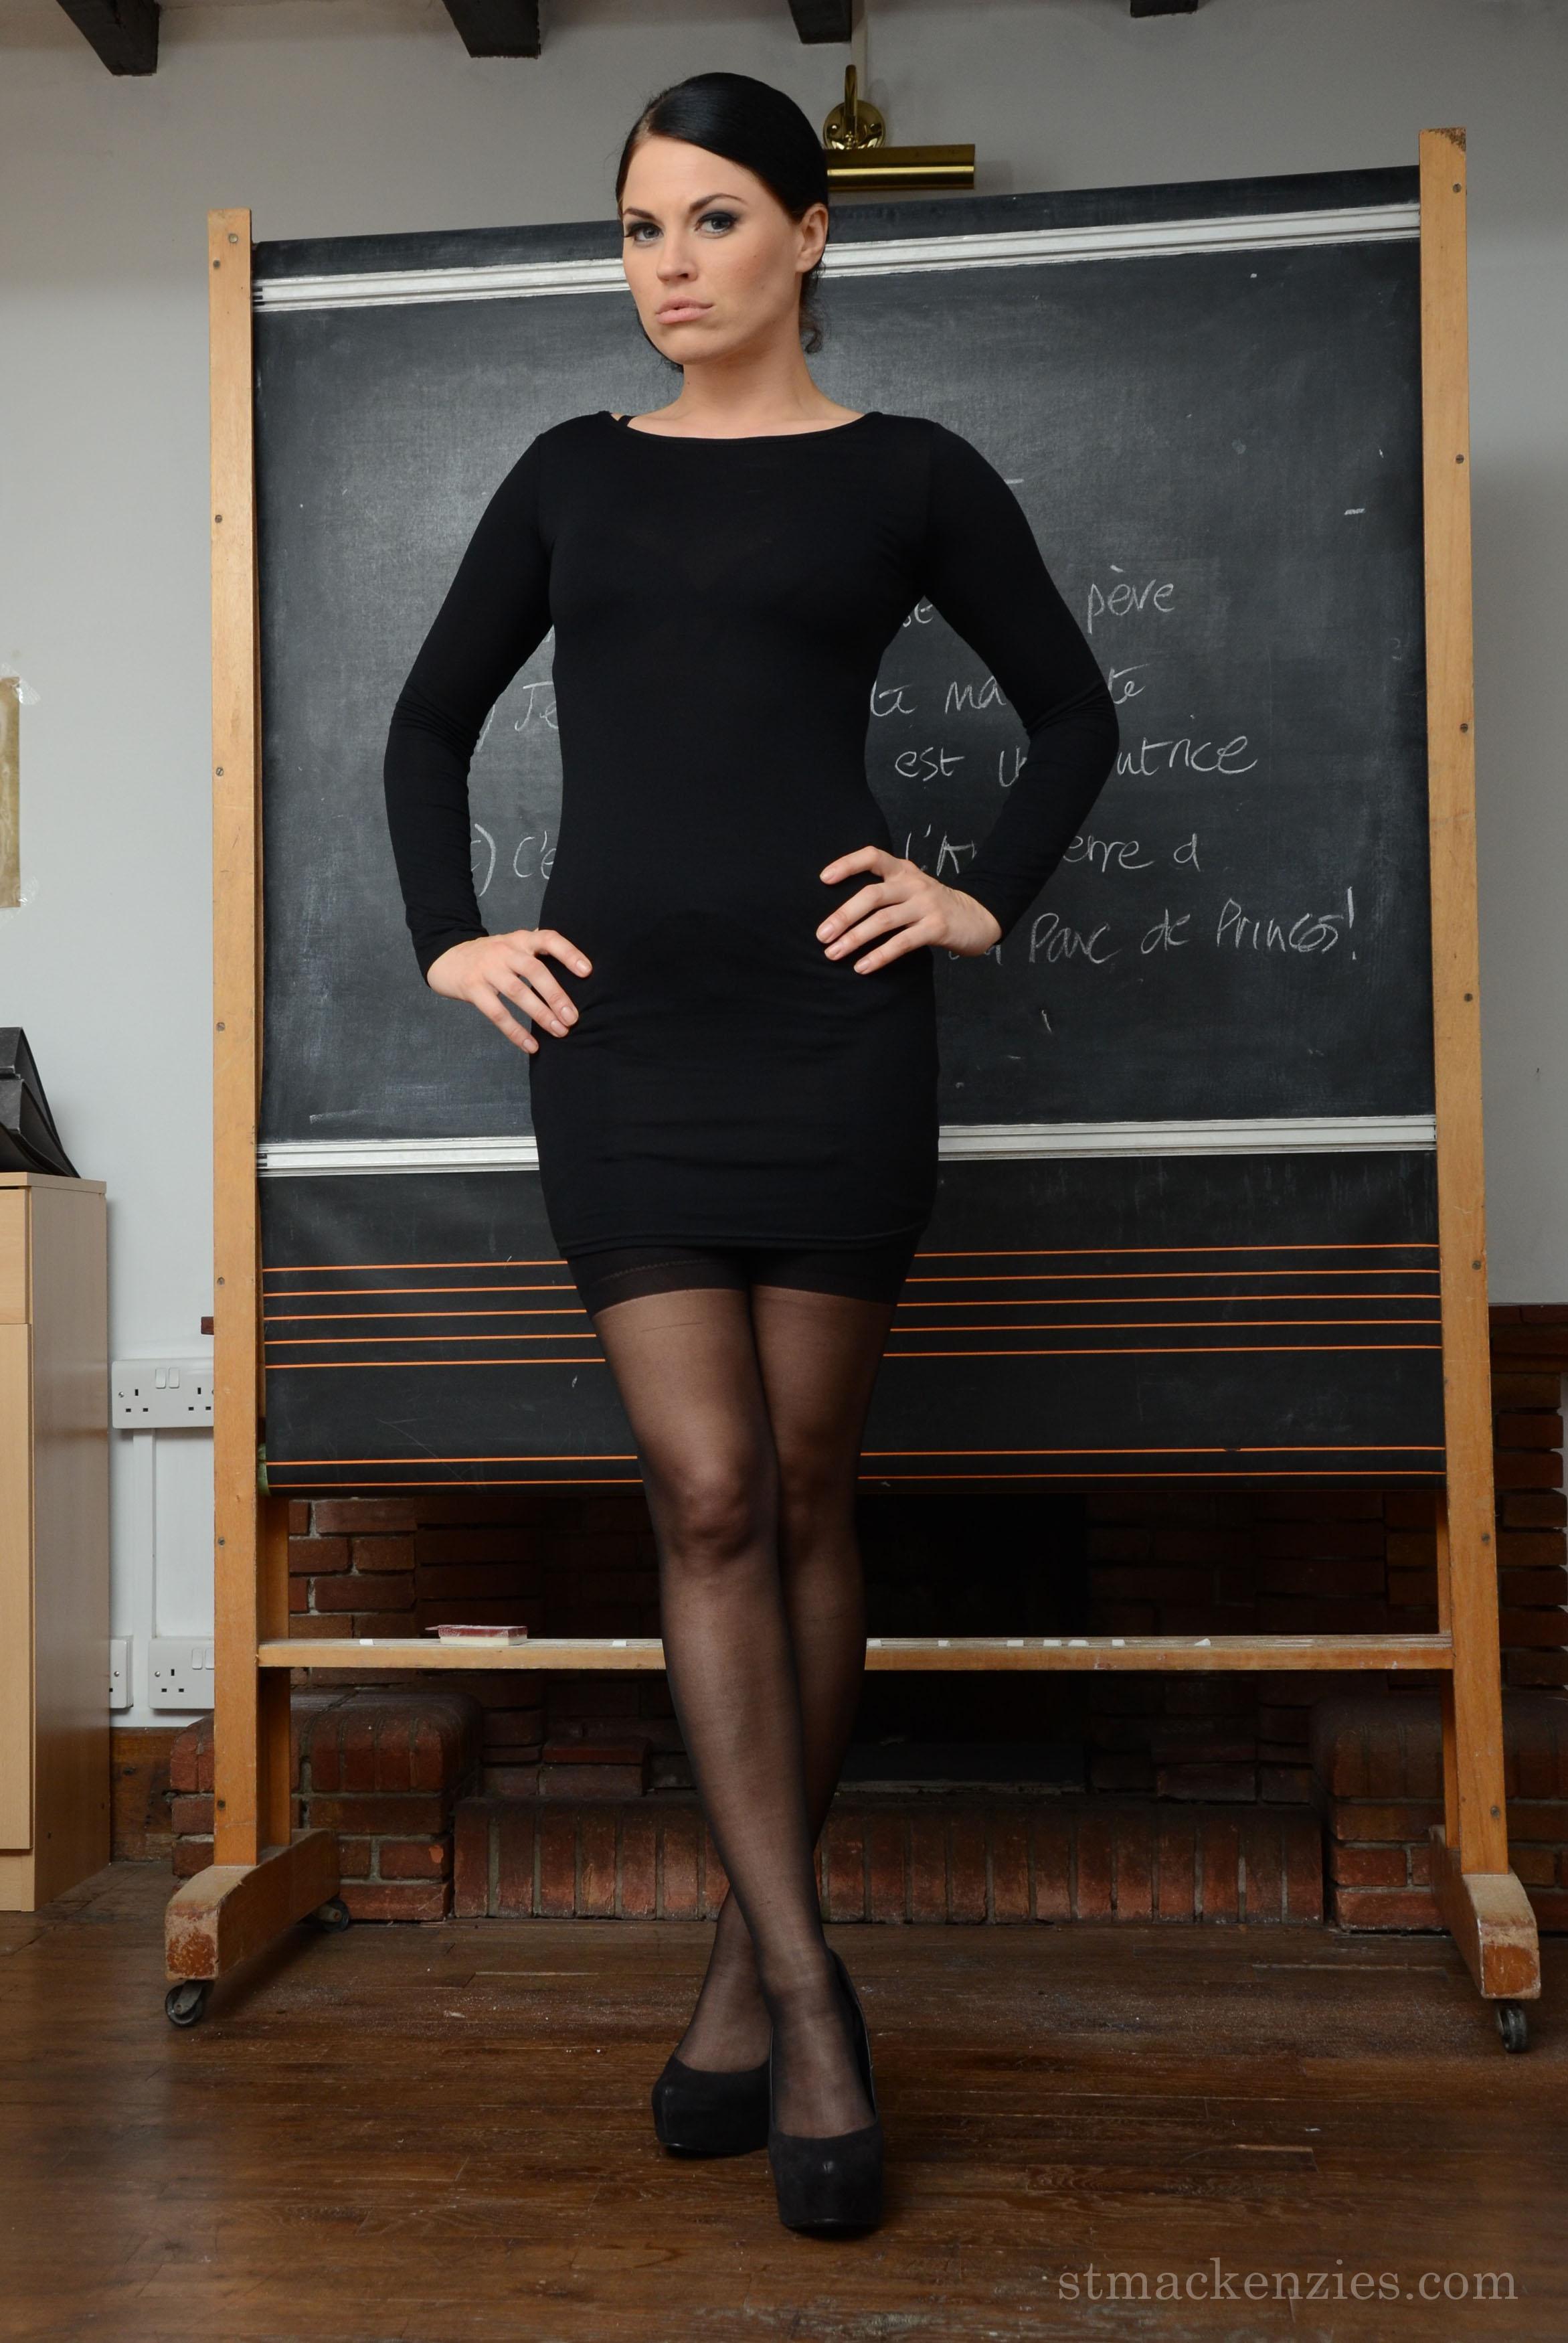 Miss Lilly, a teacher at St Mackenzies